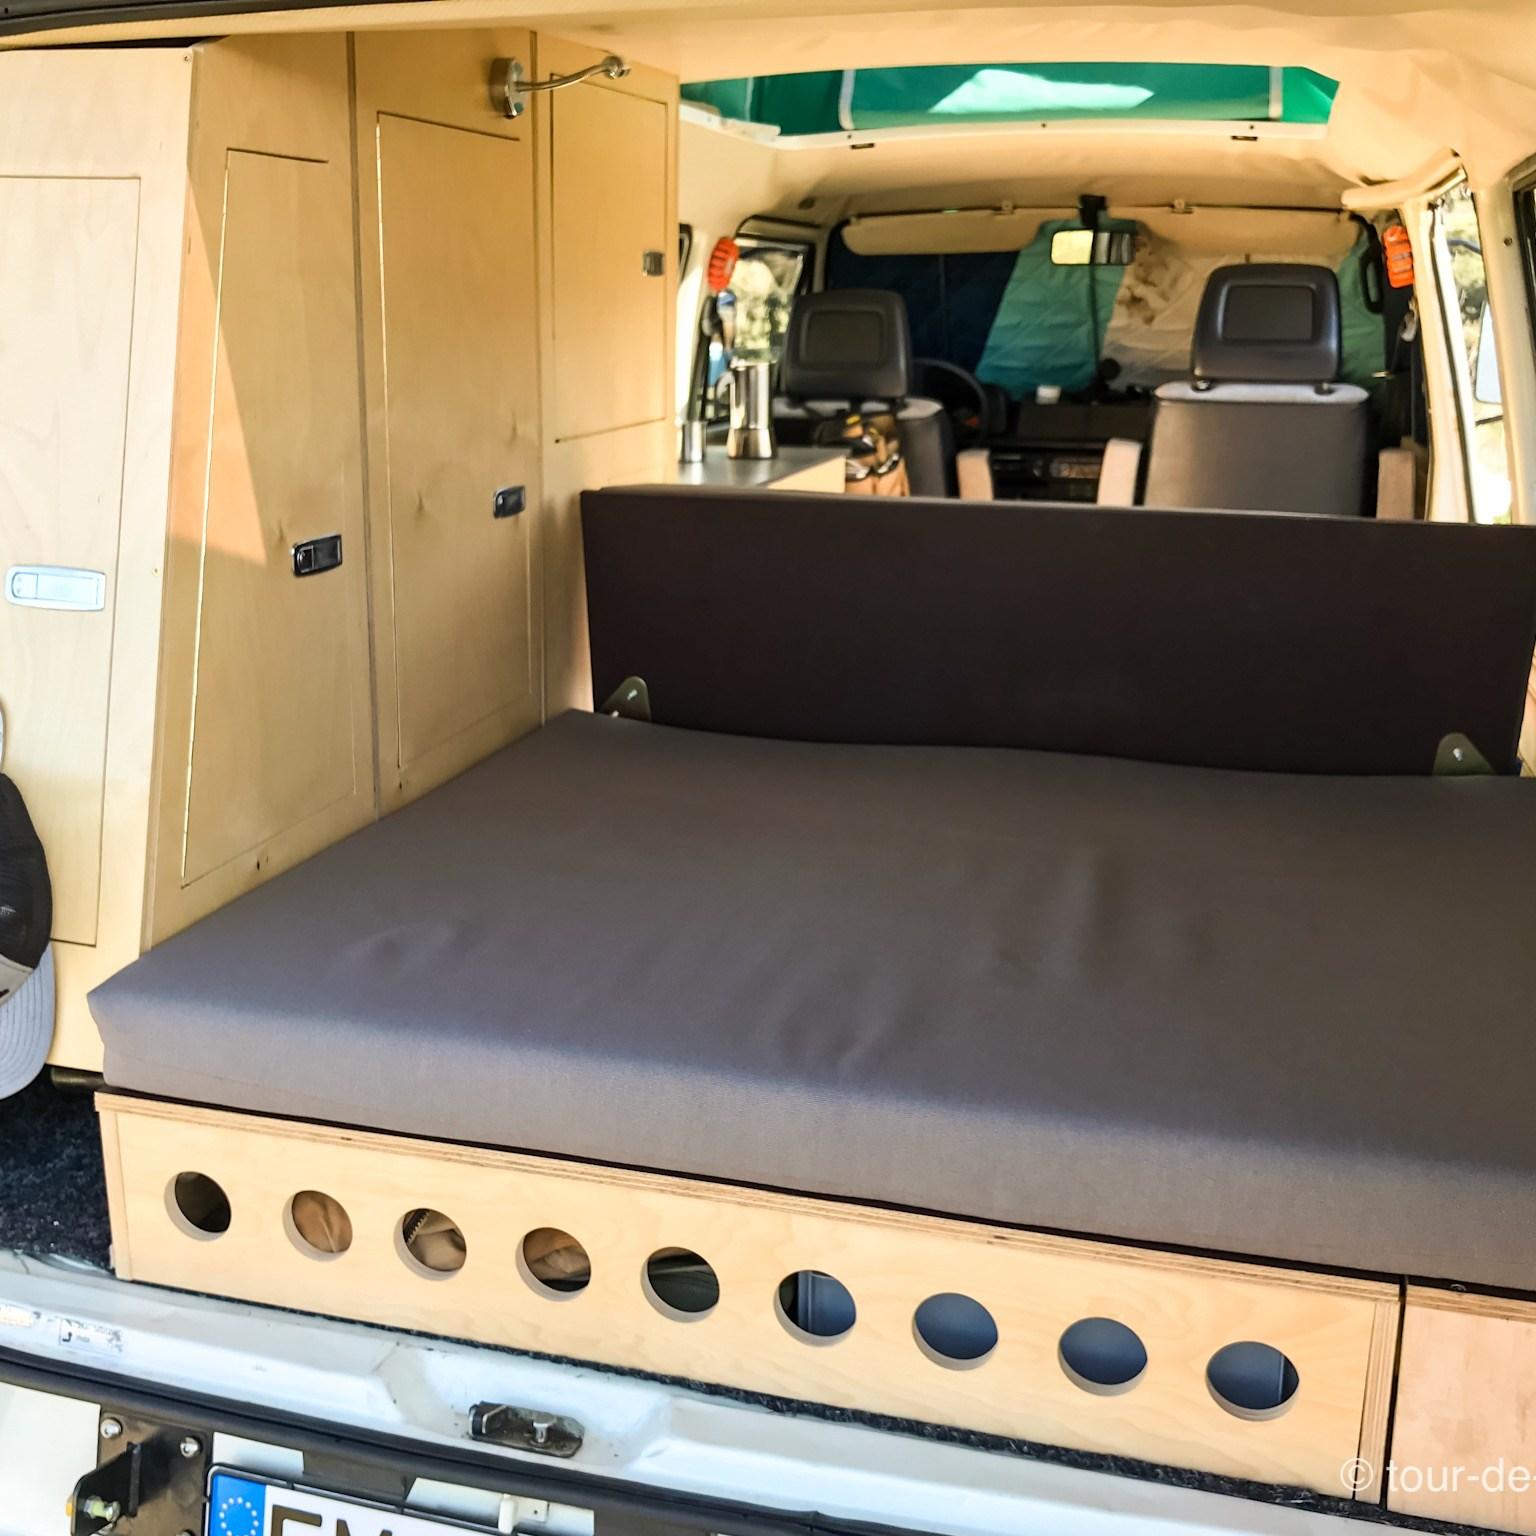 VW T3 Sncro Innenausbau hinten, erhöhter Bettstaukasten und Seitenschrankwand